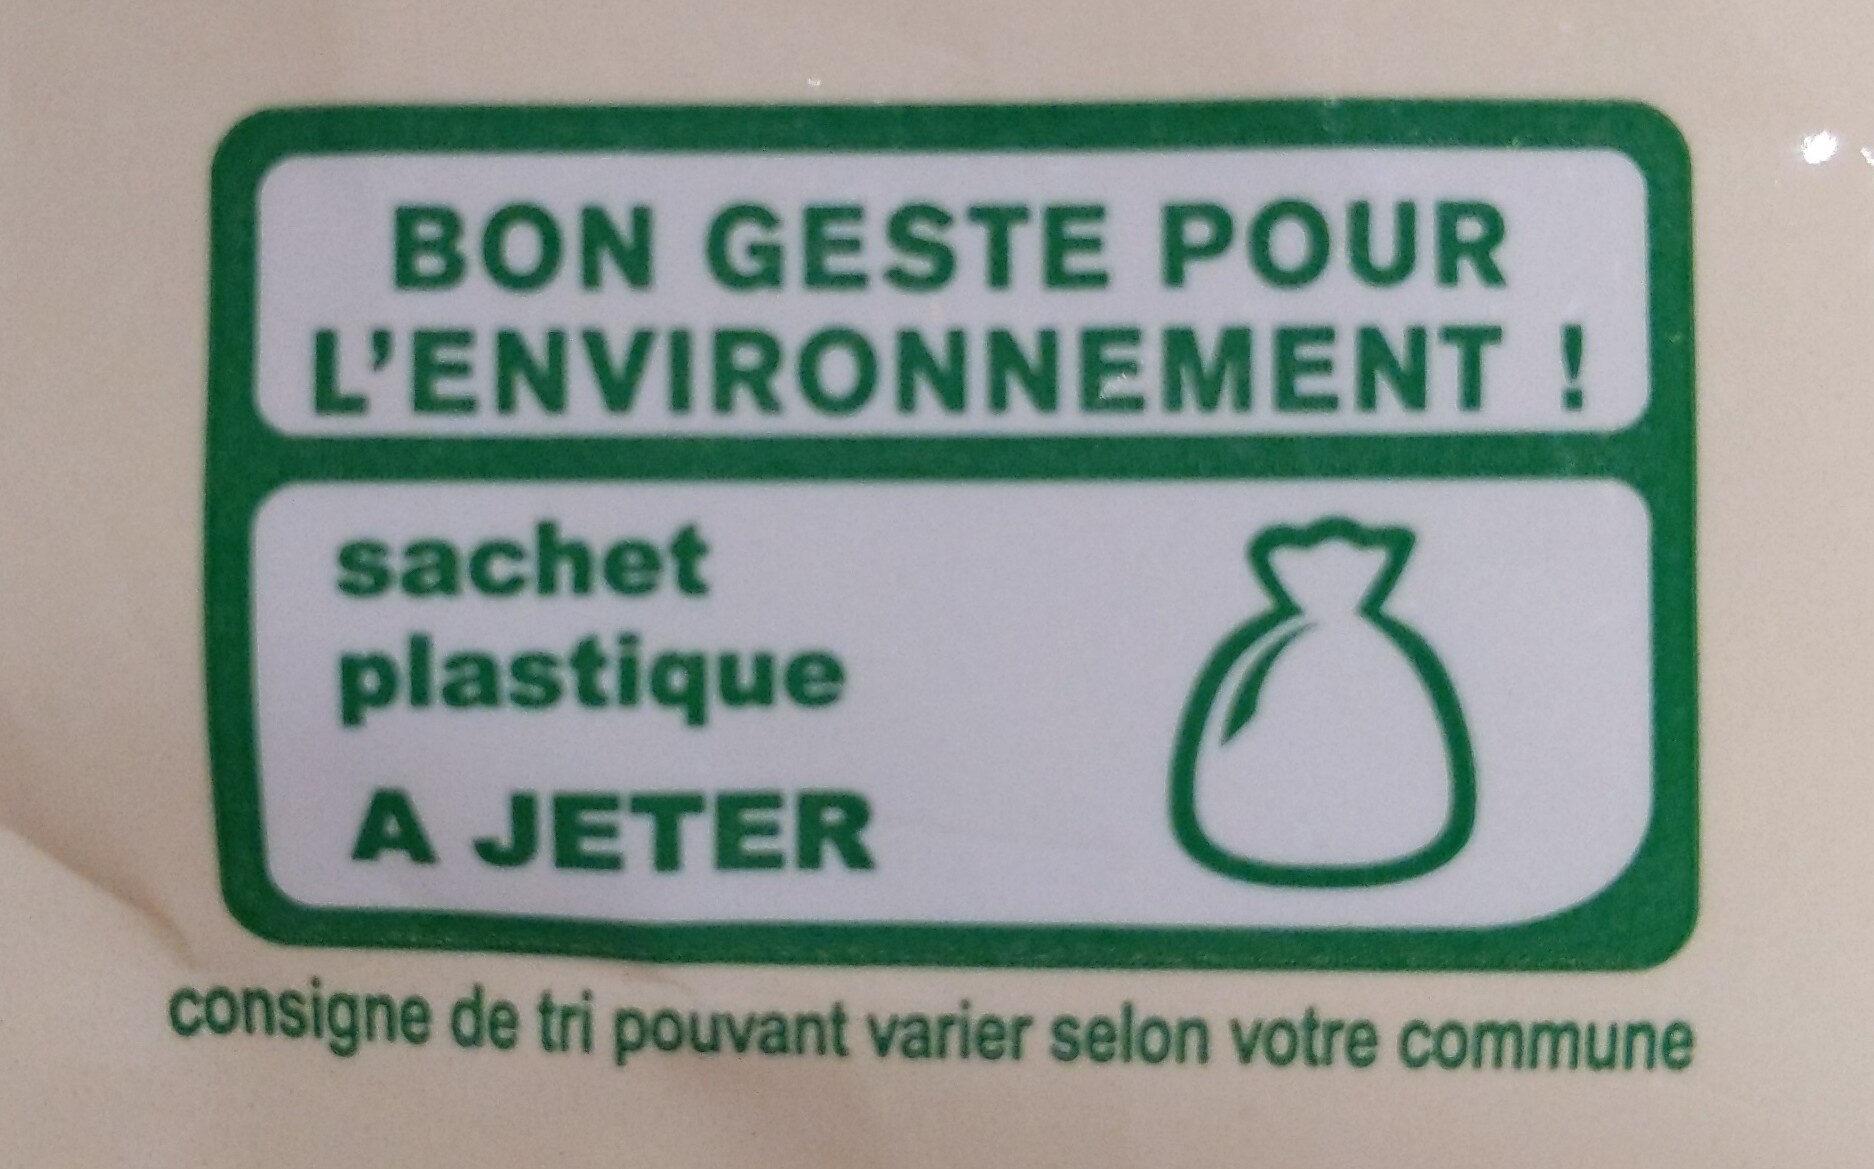 Muesli croustillant fruits rouges - Istruzioni per il riciclaggio e/o informazioni sull'imballaggio - fr